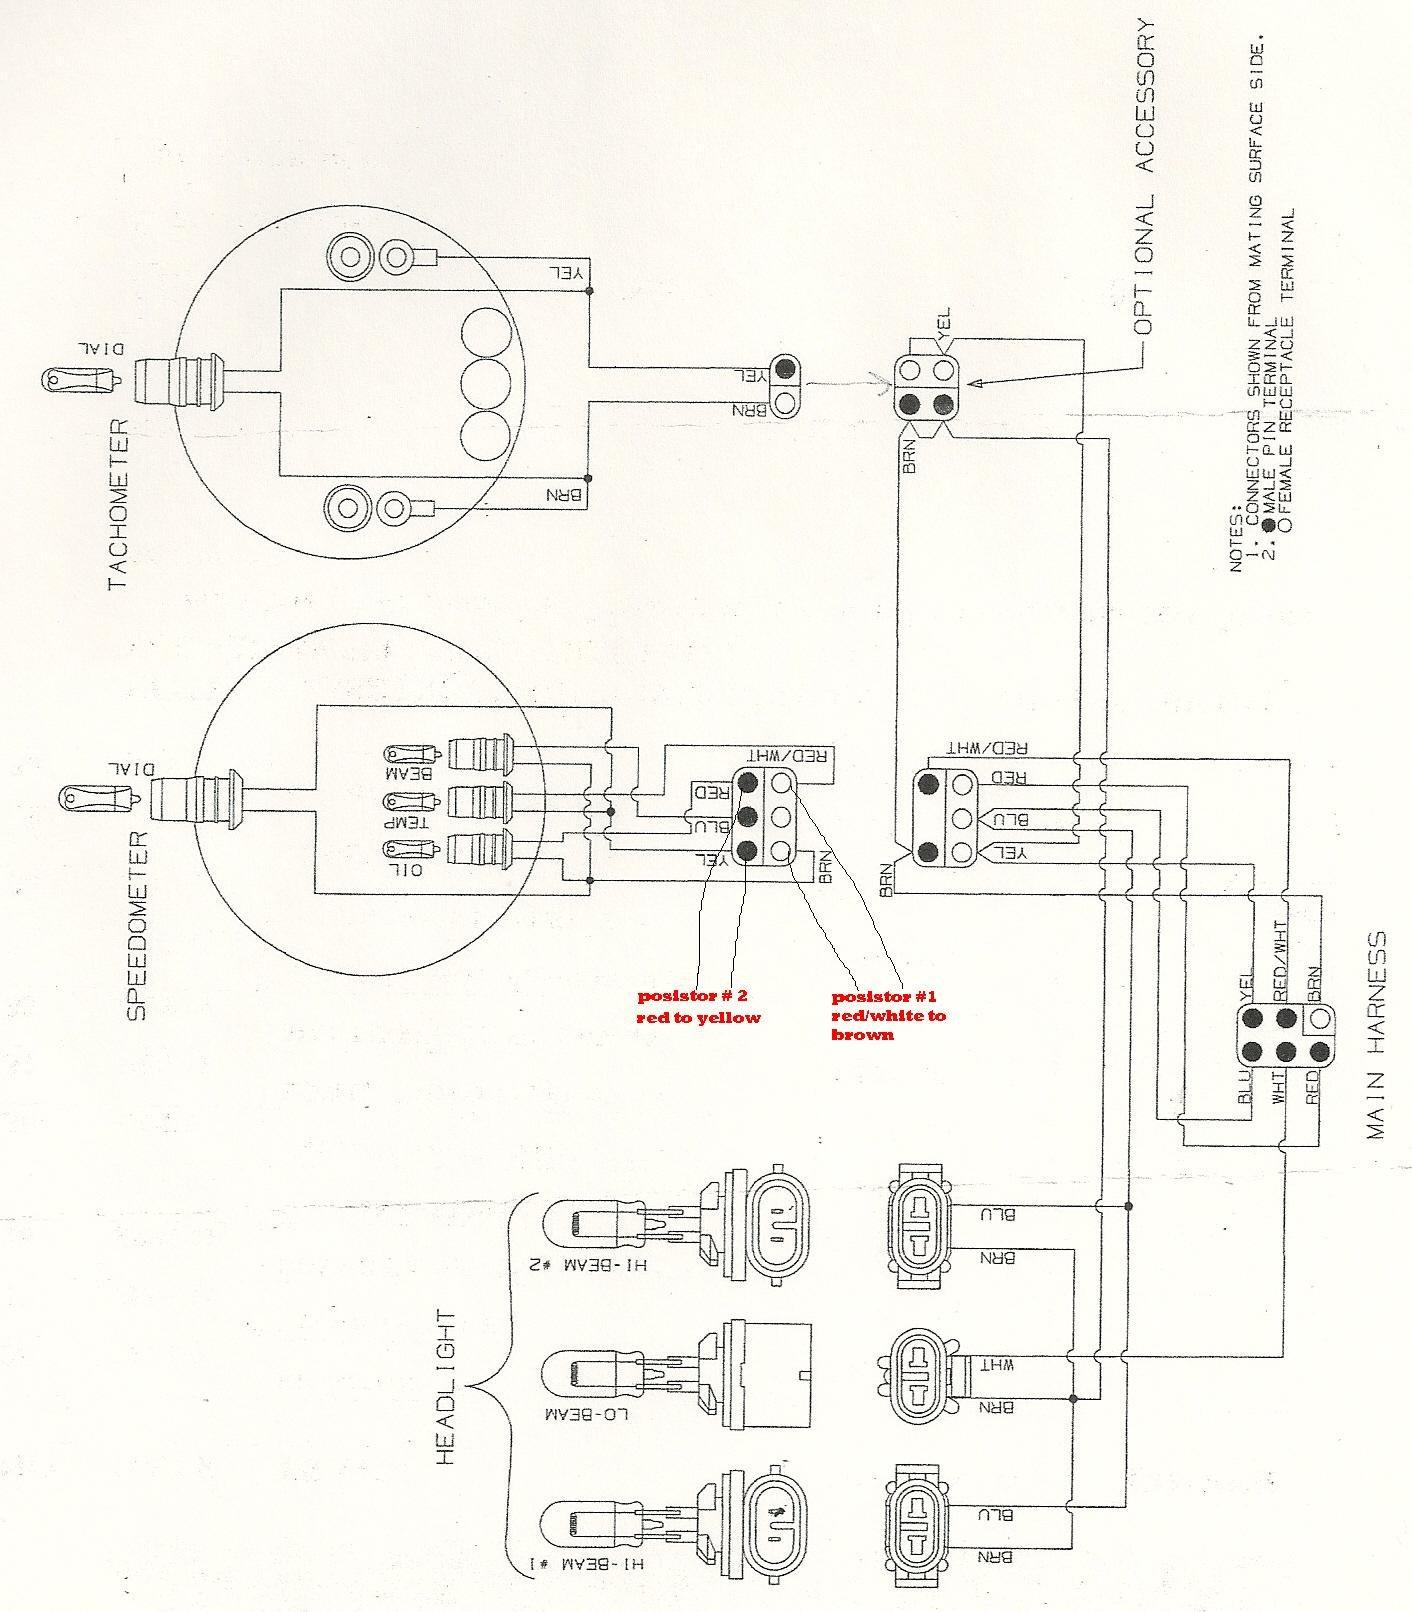 2003 arctic cat 400 wiring diagram arctic cat f7 wiring diagram posistor-how too? - page 3 - arcticchat.com - arctic cat forum #12